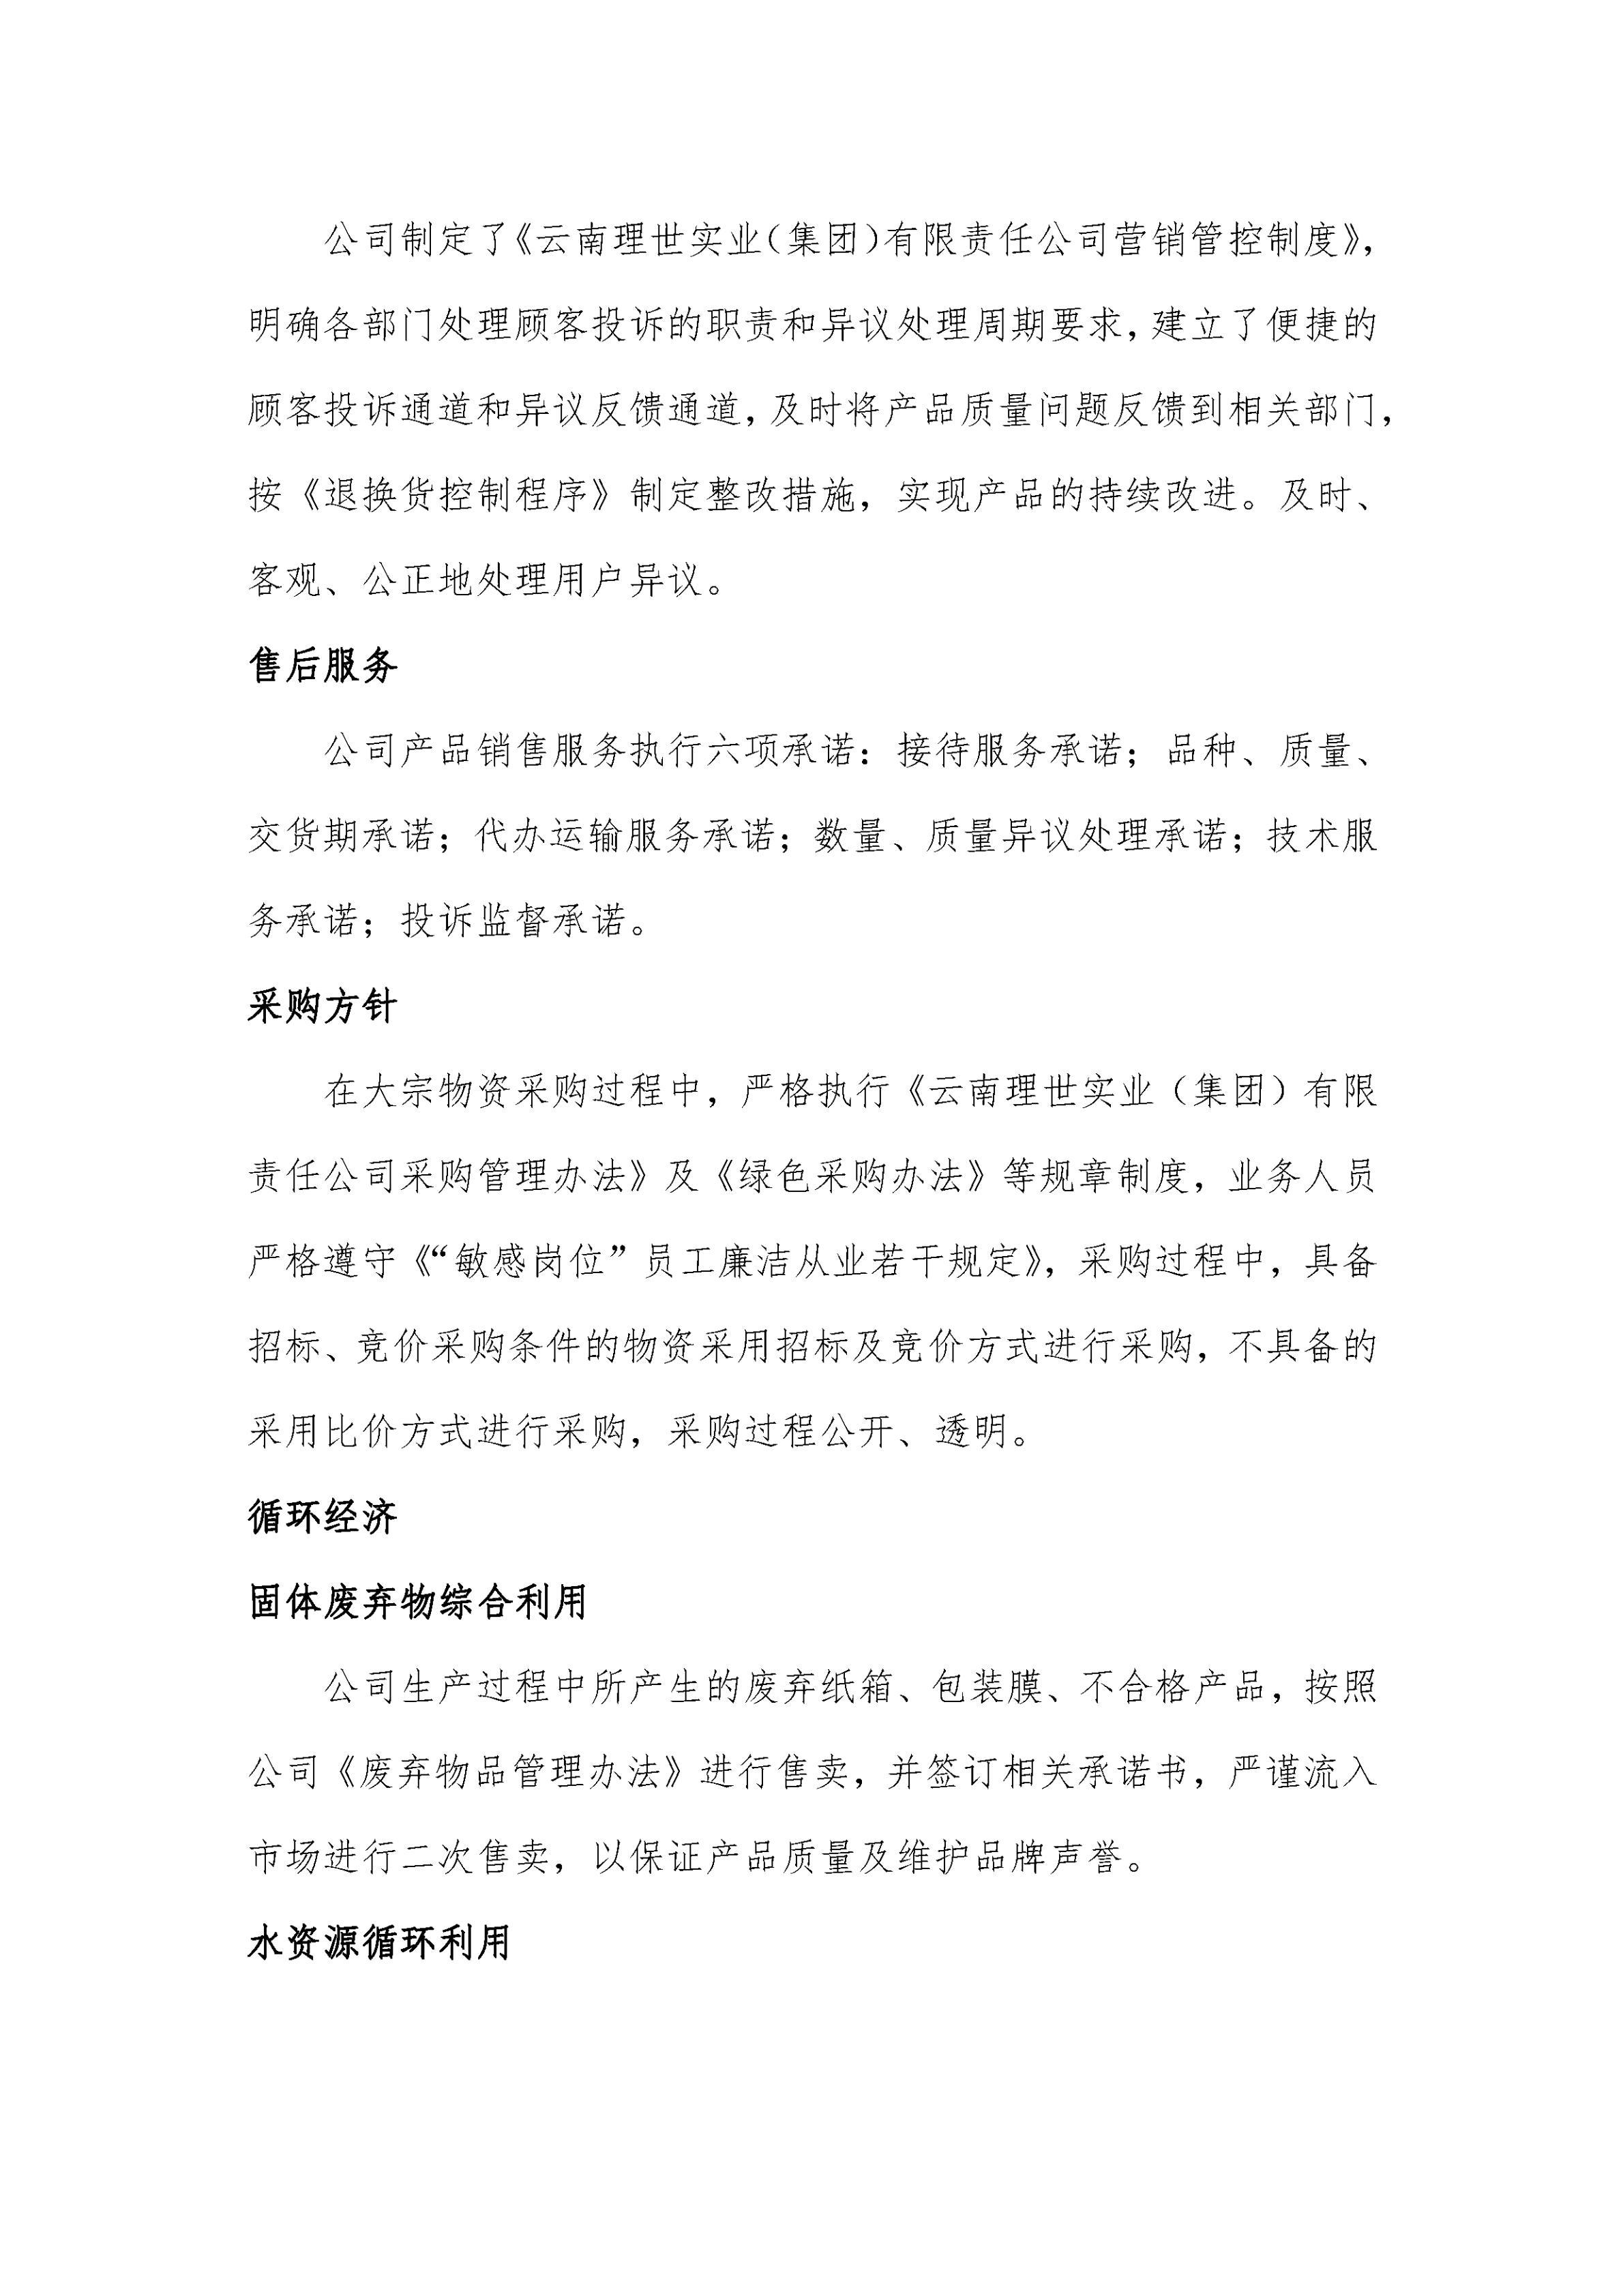 云南理世实业(集团)有限责任公司2019年社会责任报告.FR11_11.jpg